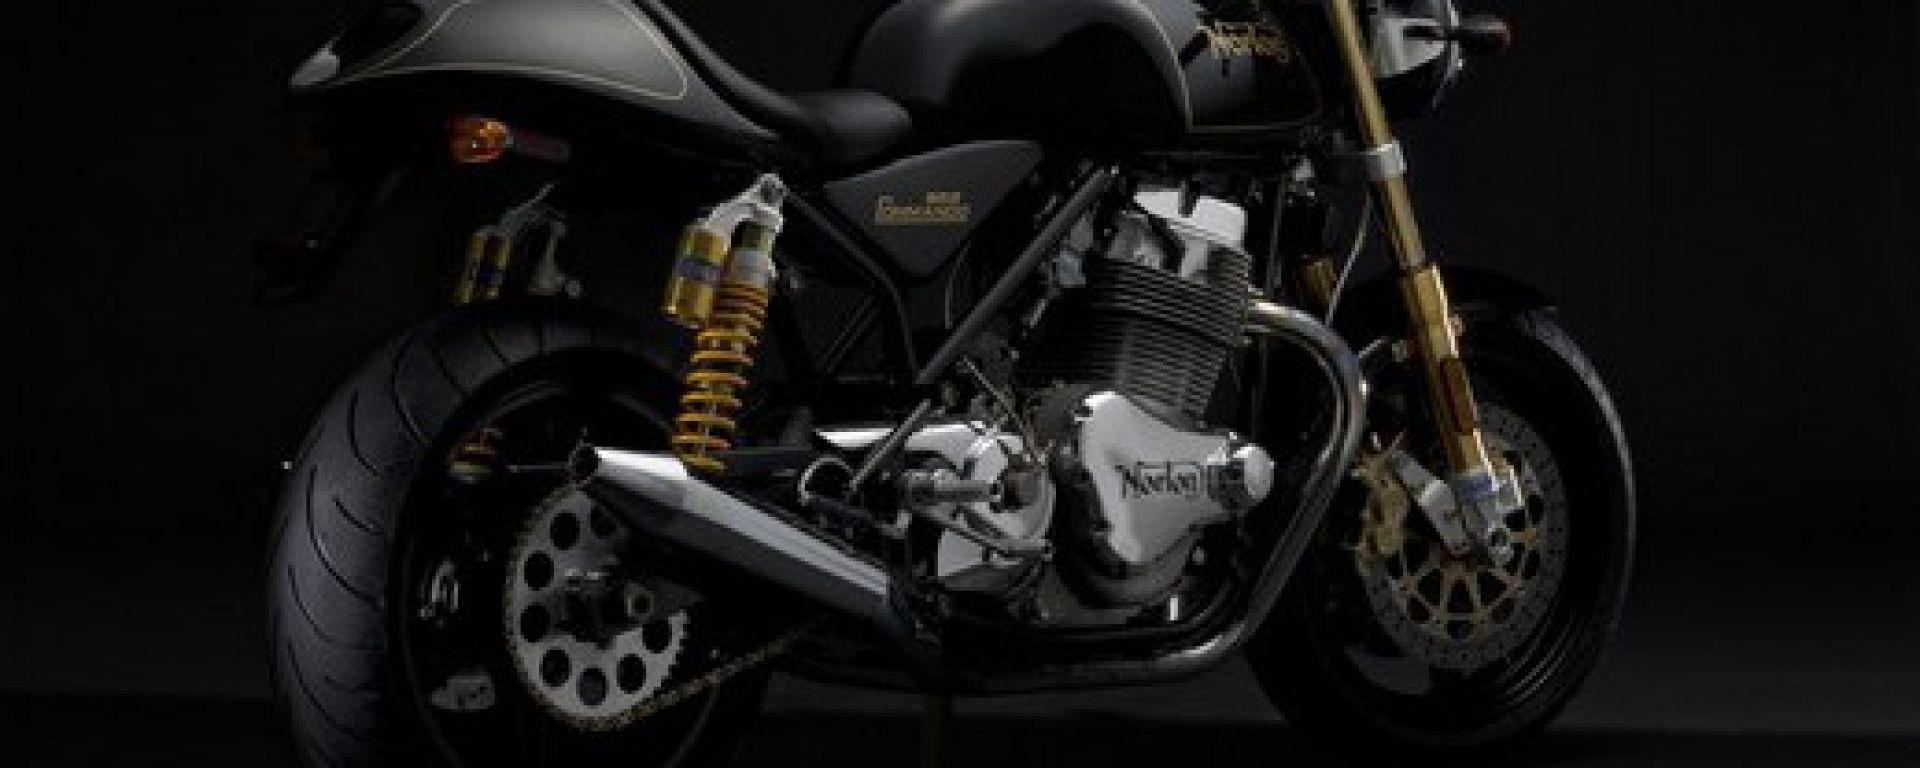 Norton Commando 961 SE